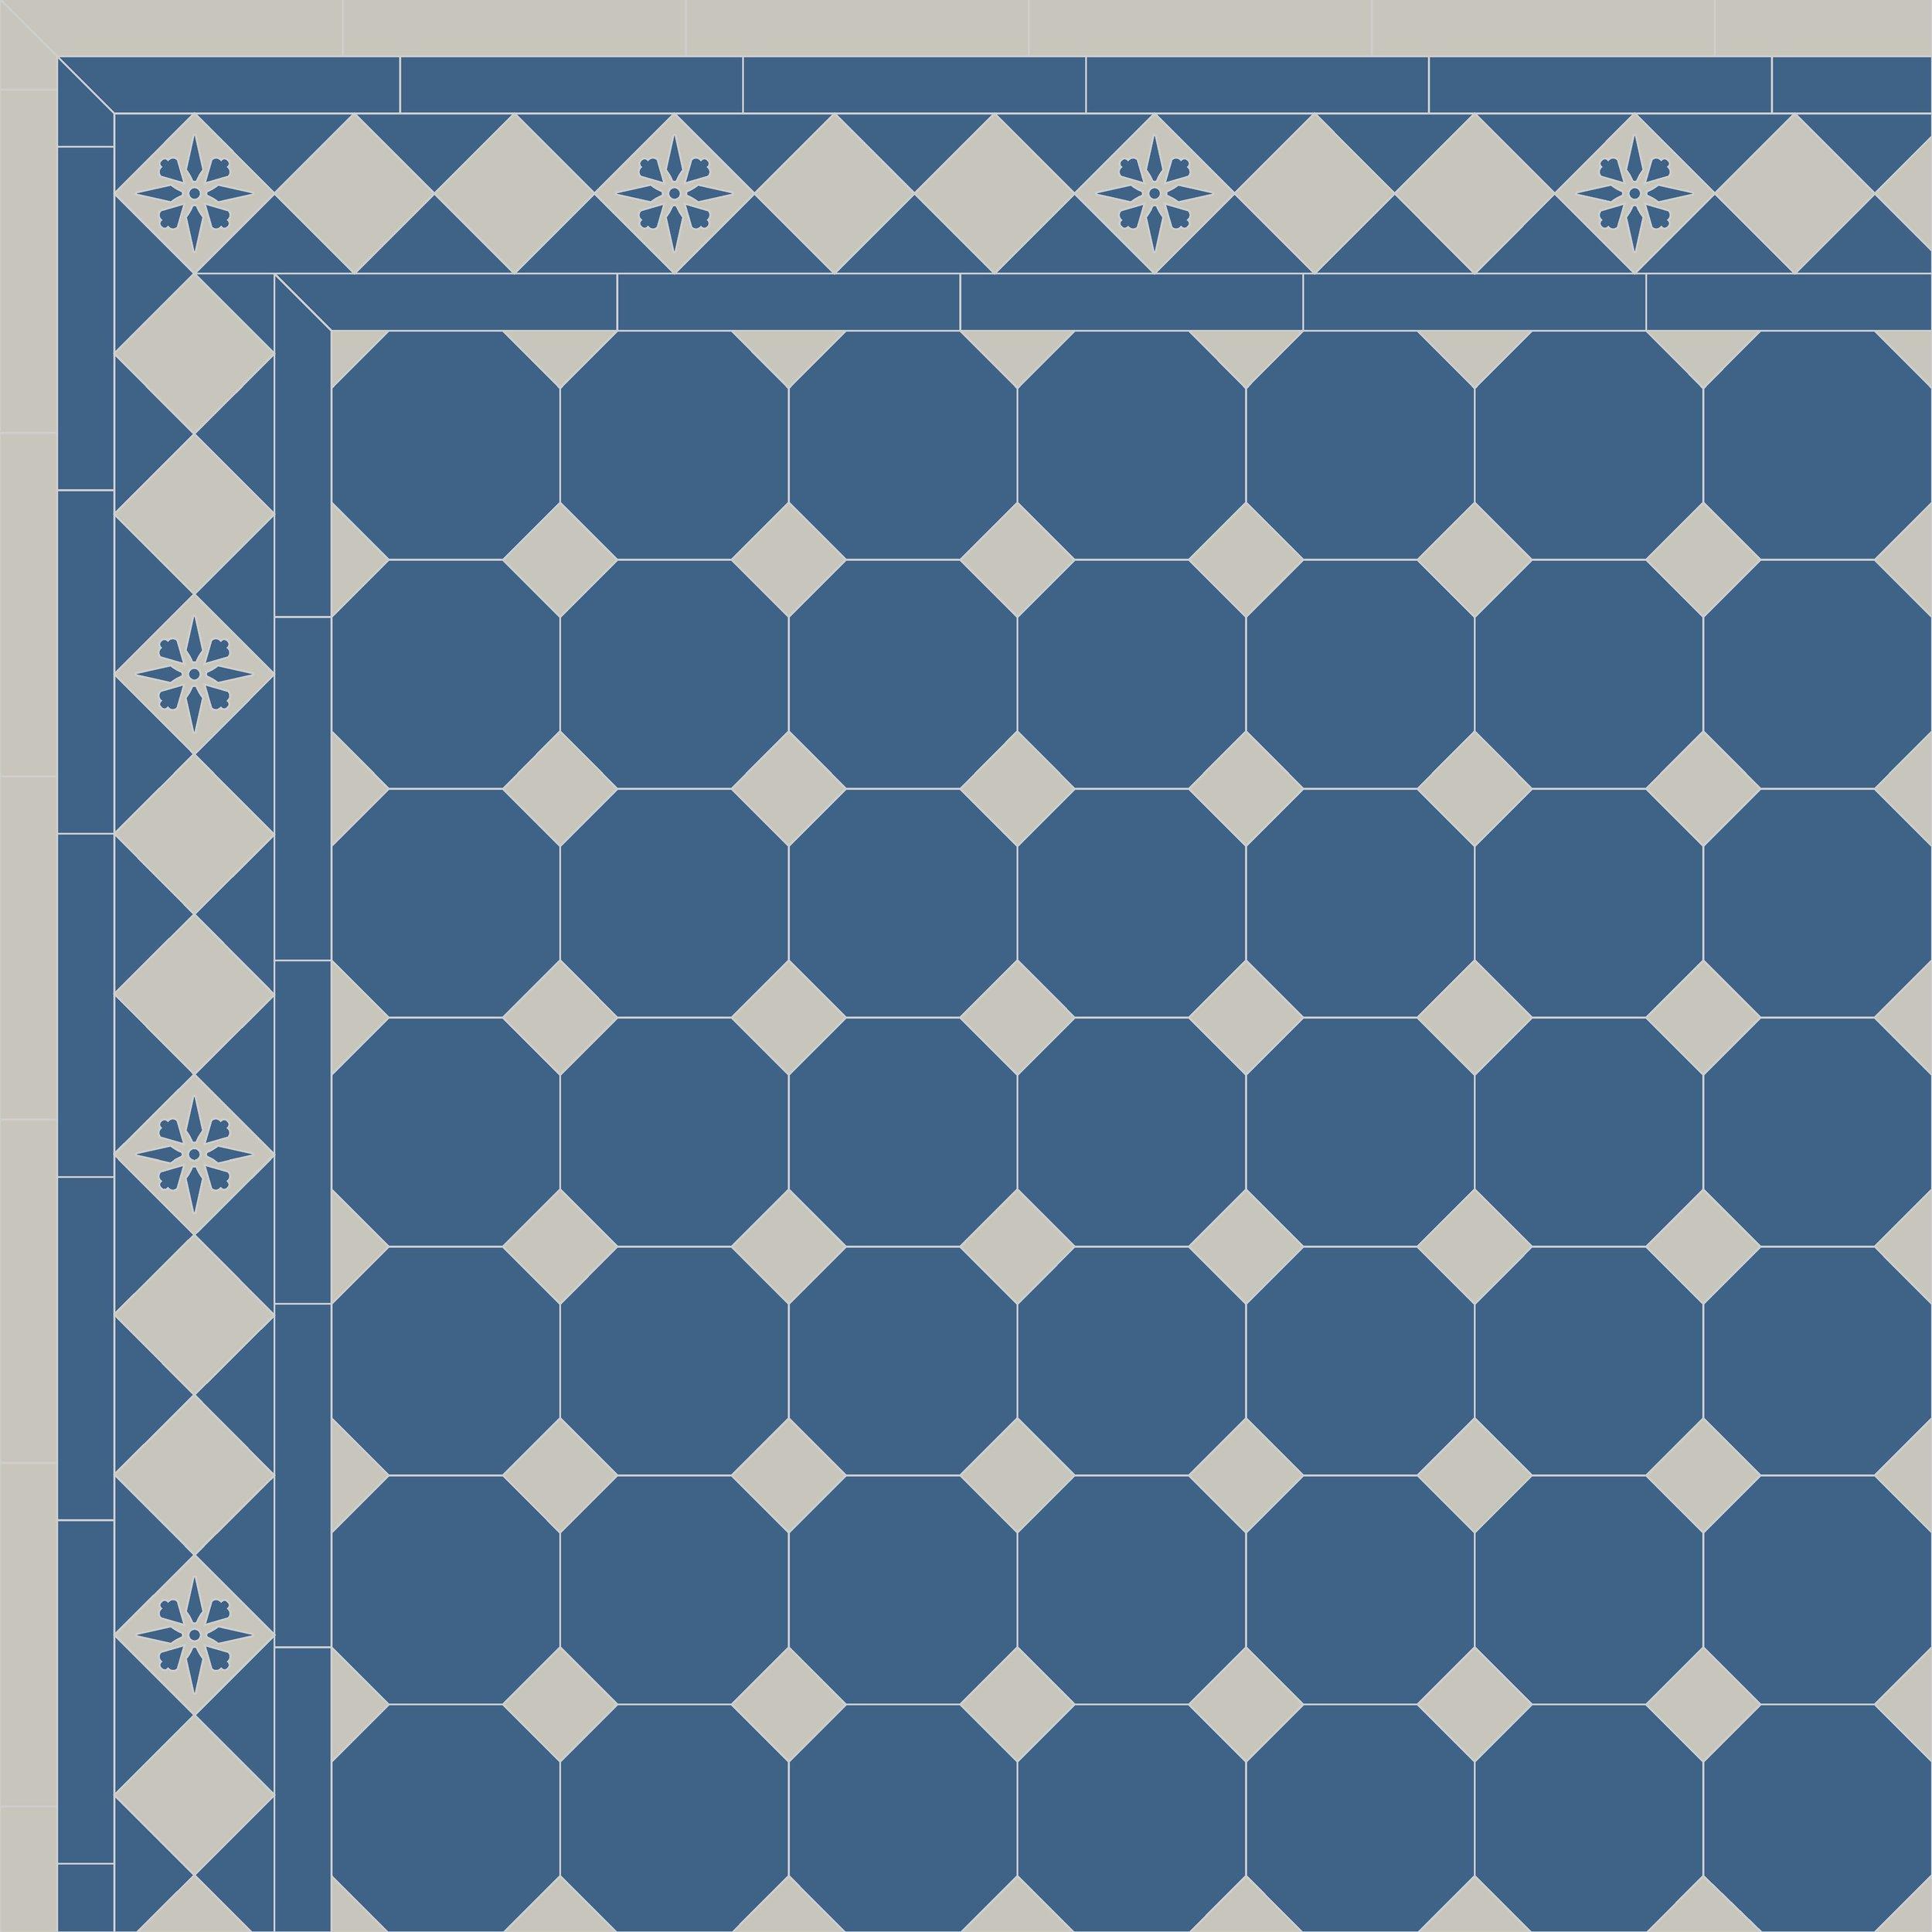 7 Octos - Blue